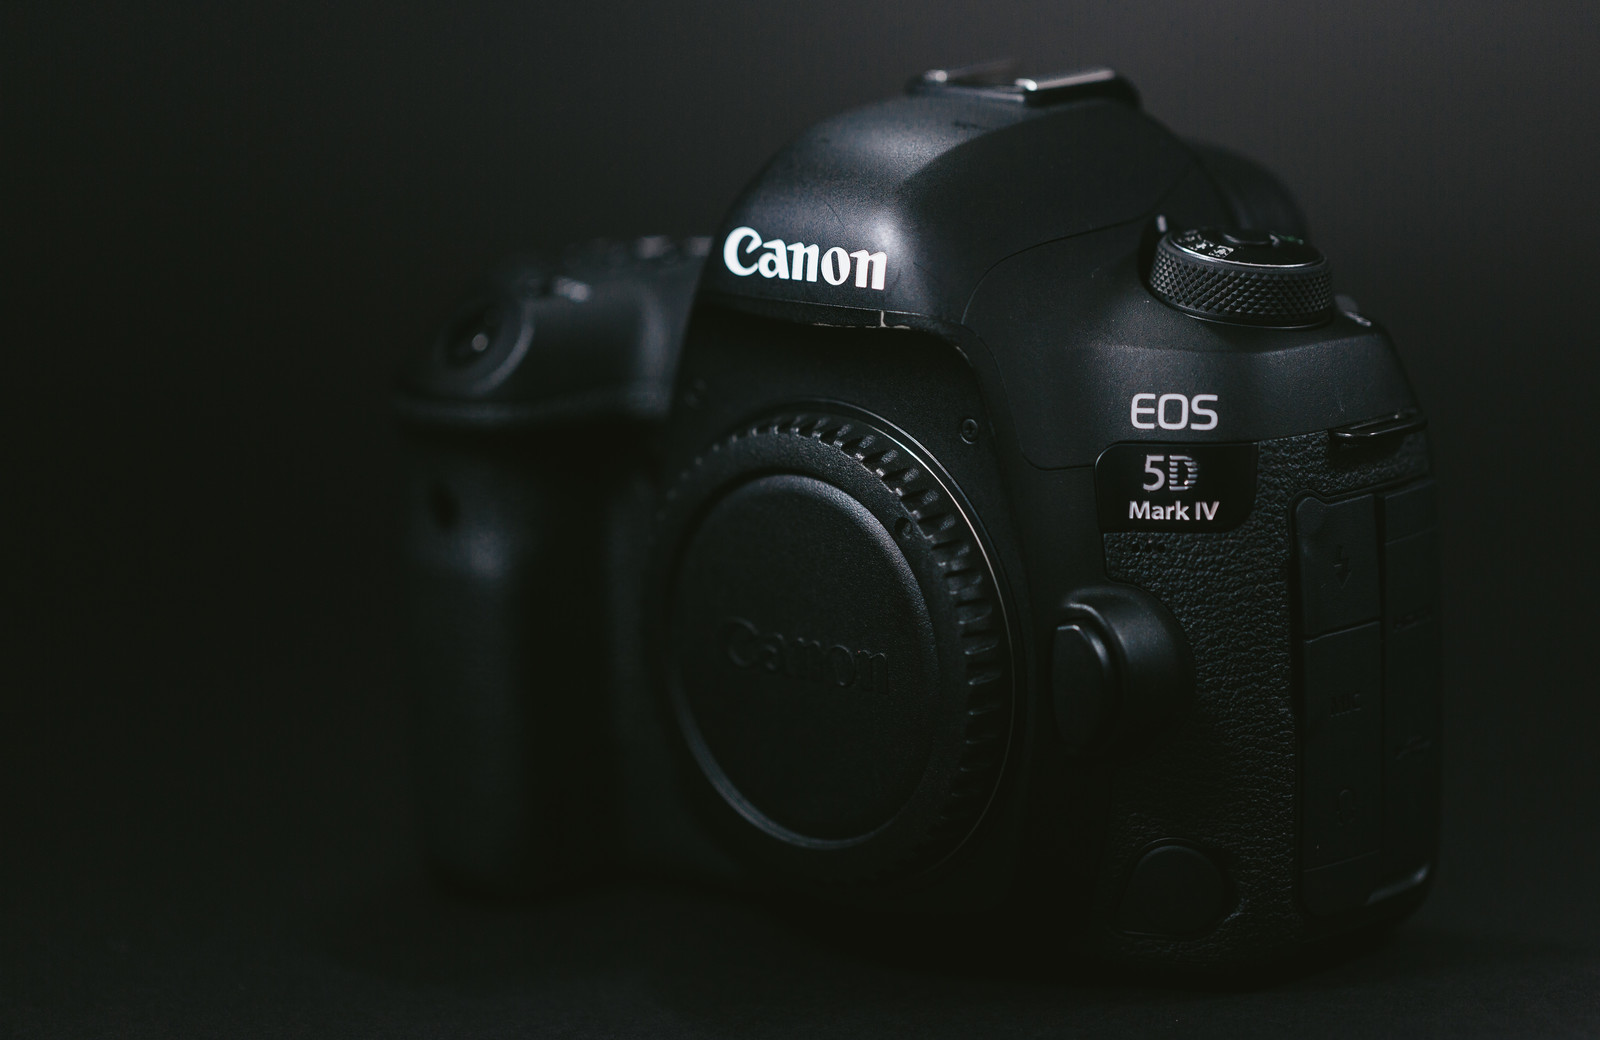 「真っ黒いボディのデジタル一眼レフカメラ」の写真